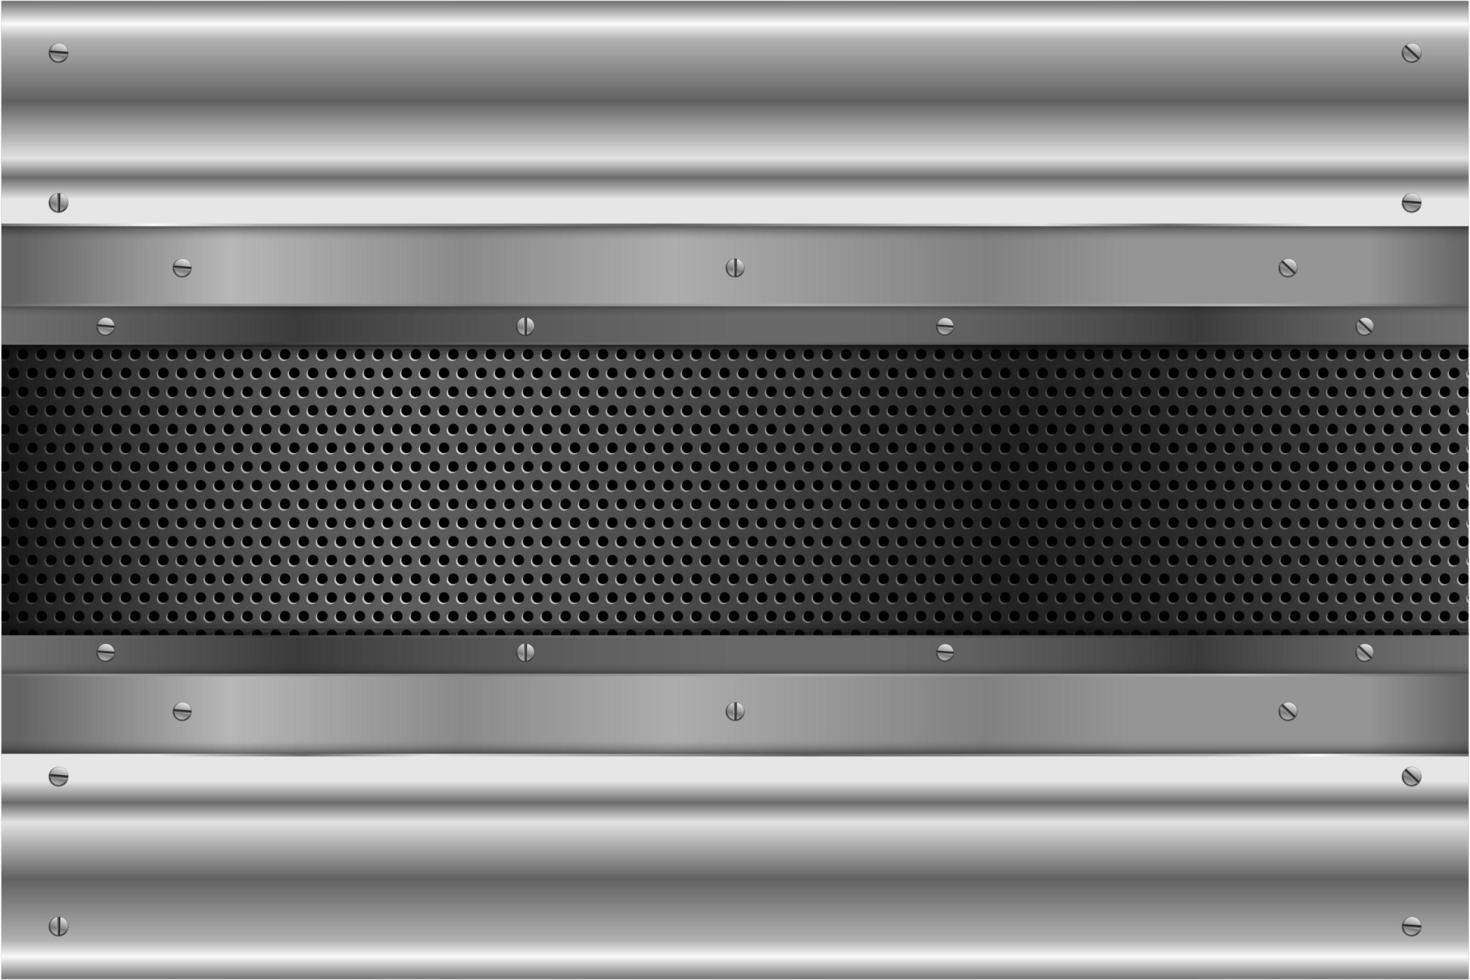 zilveren panelen met schroeven op geperforeerde structuur vector